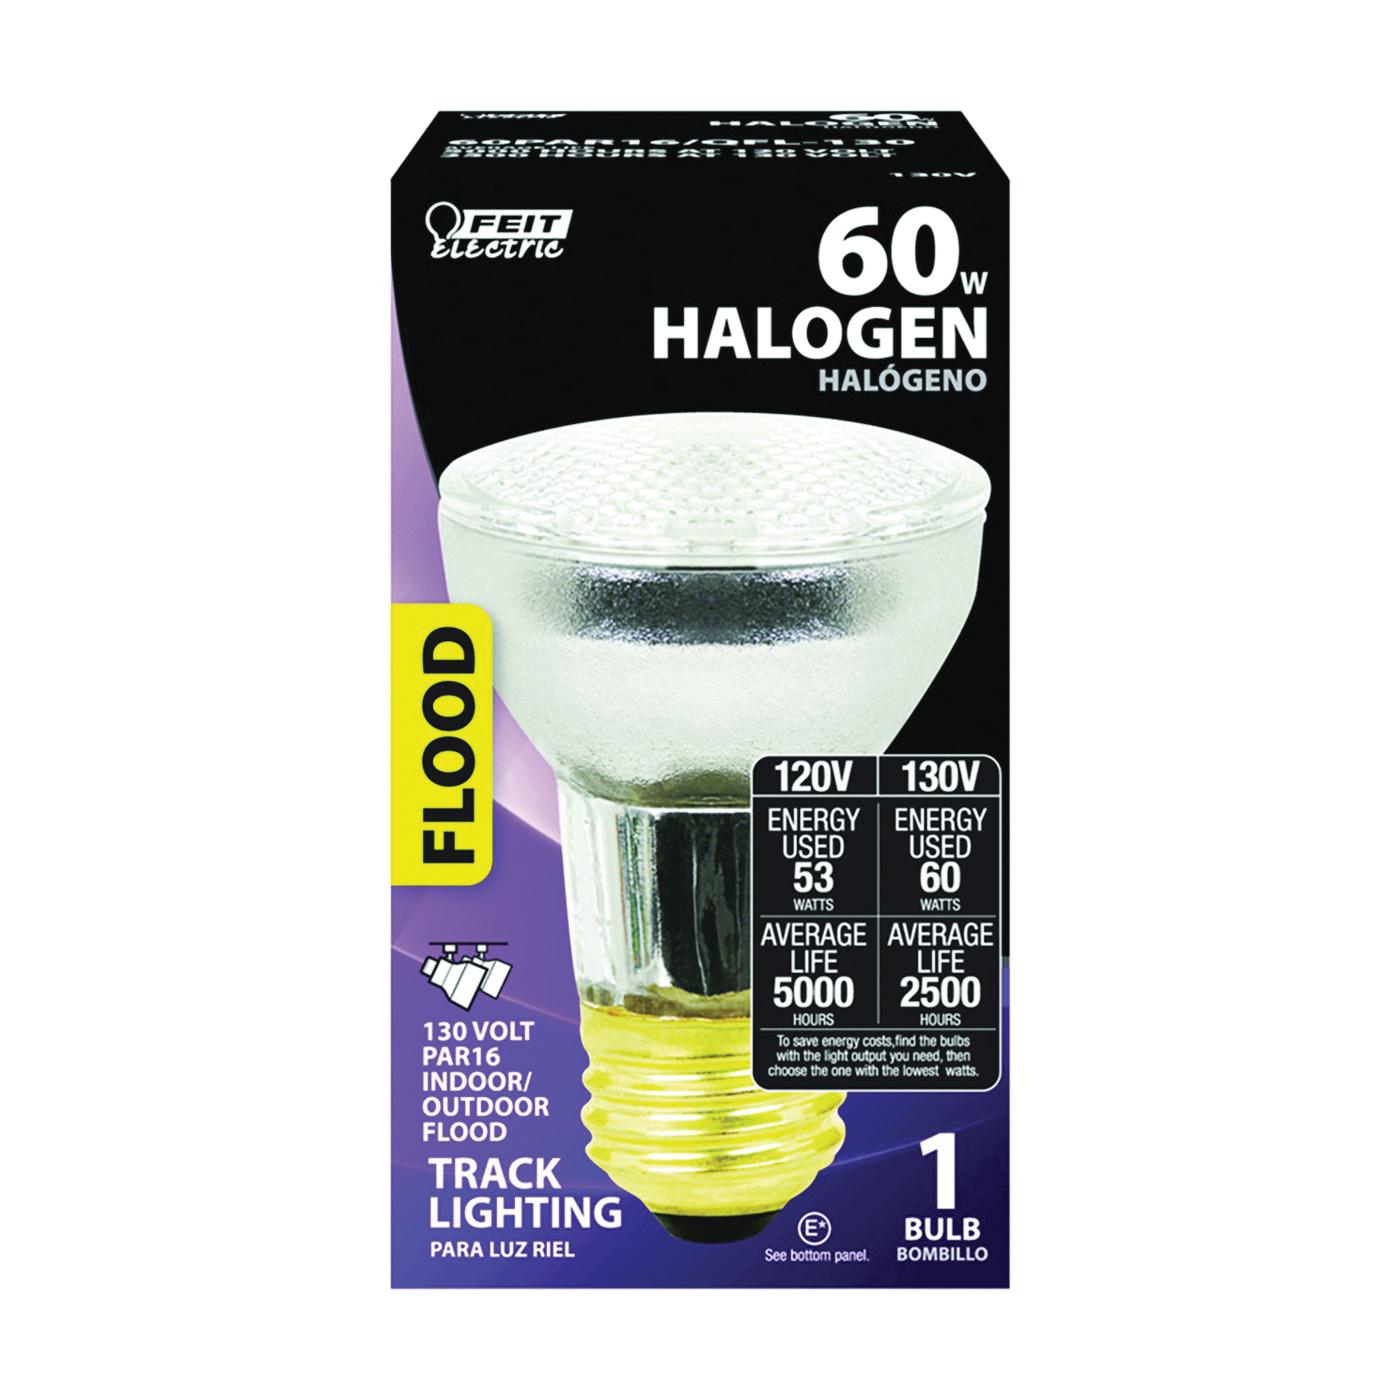 Picture of Feit Electric 60PAR16/QFL-130 Halogen Lamp, 60 W, Medium E26 Lamp Base, PAR16 Lamp, Bright Light